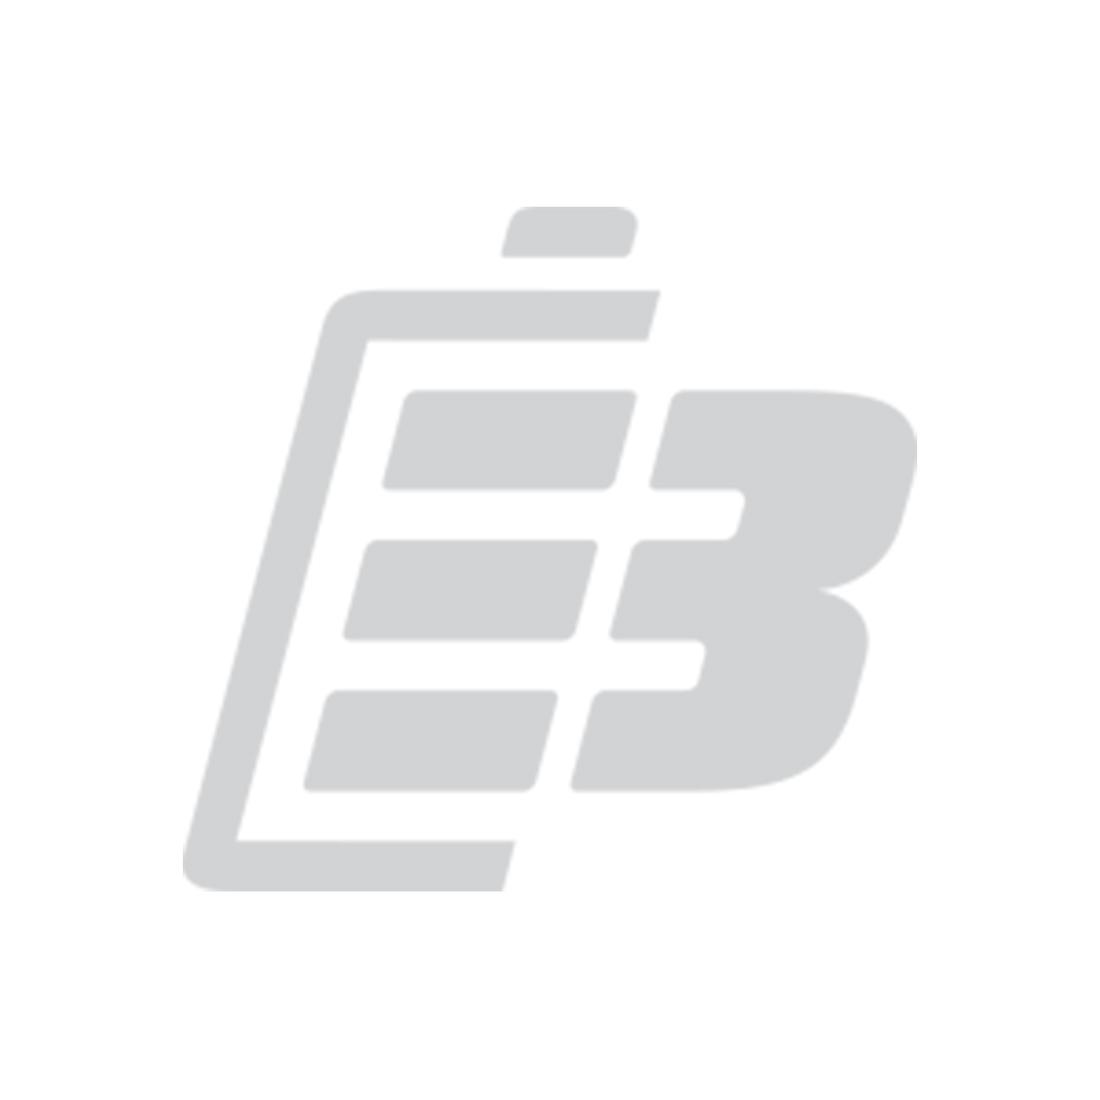 Laptop battery Acer Aspire E5-575-33BM_1